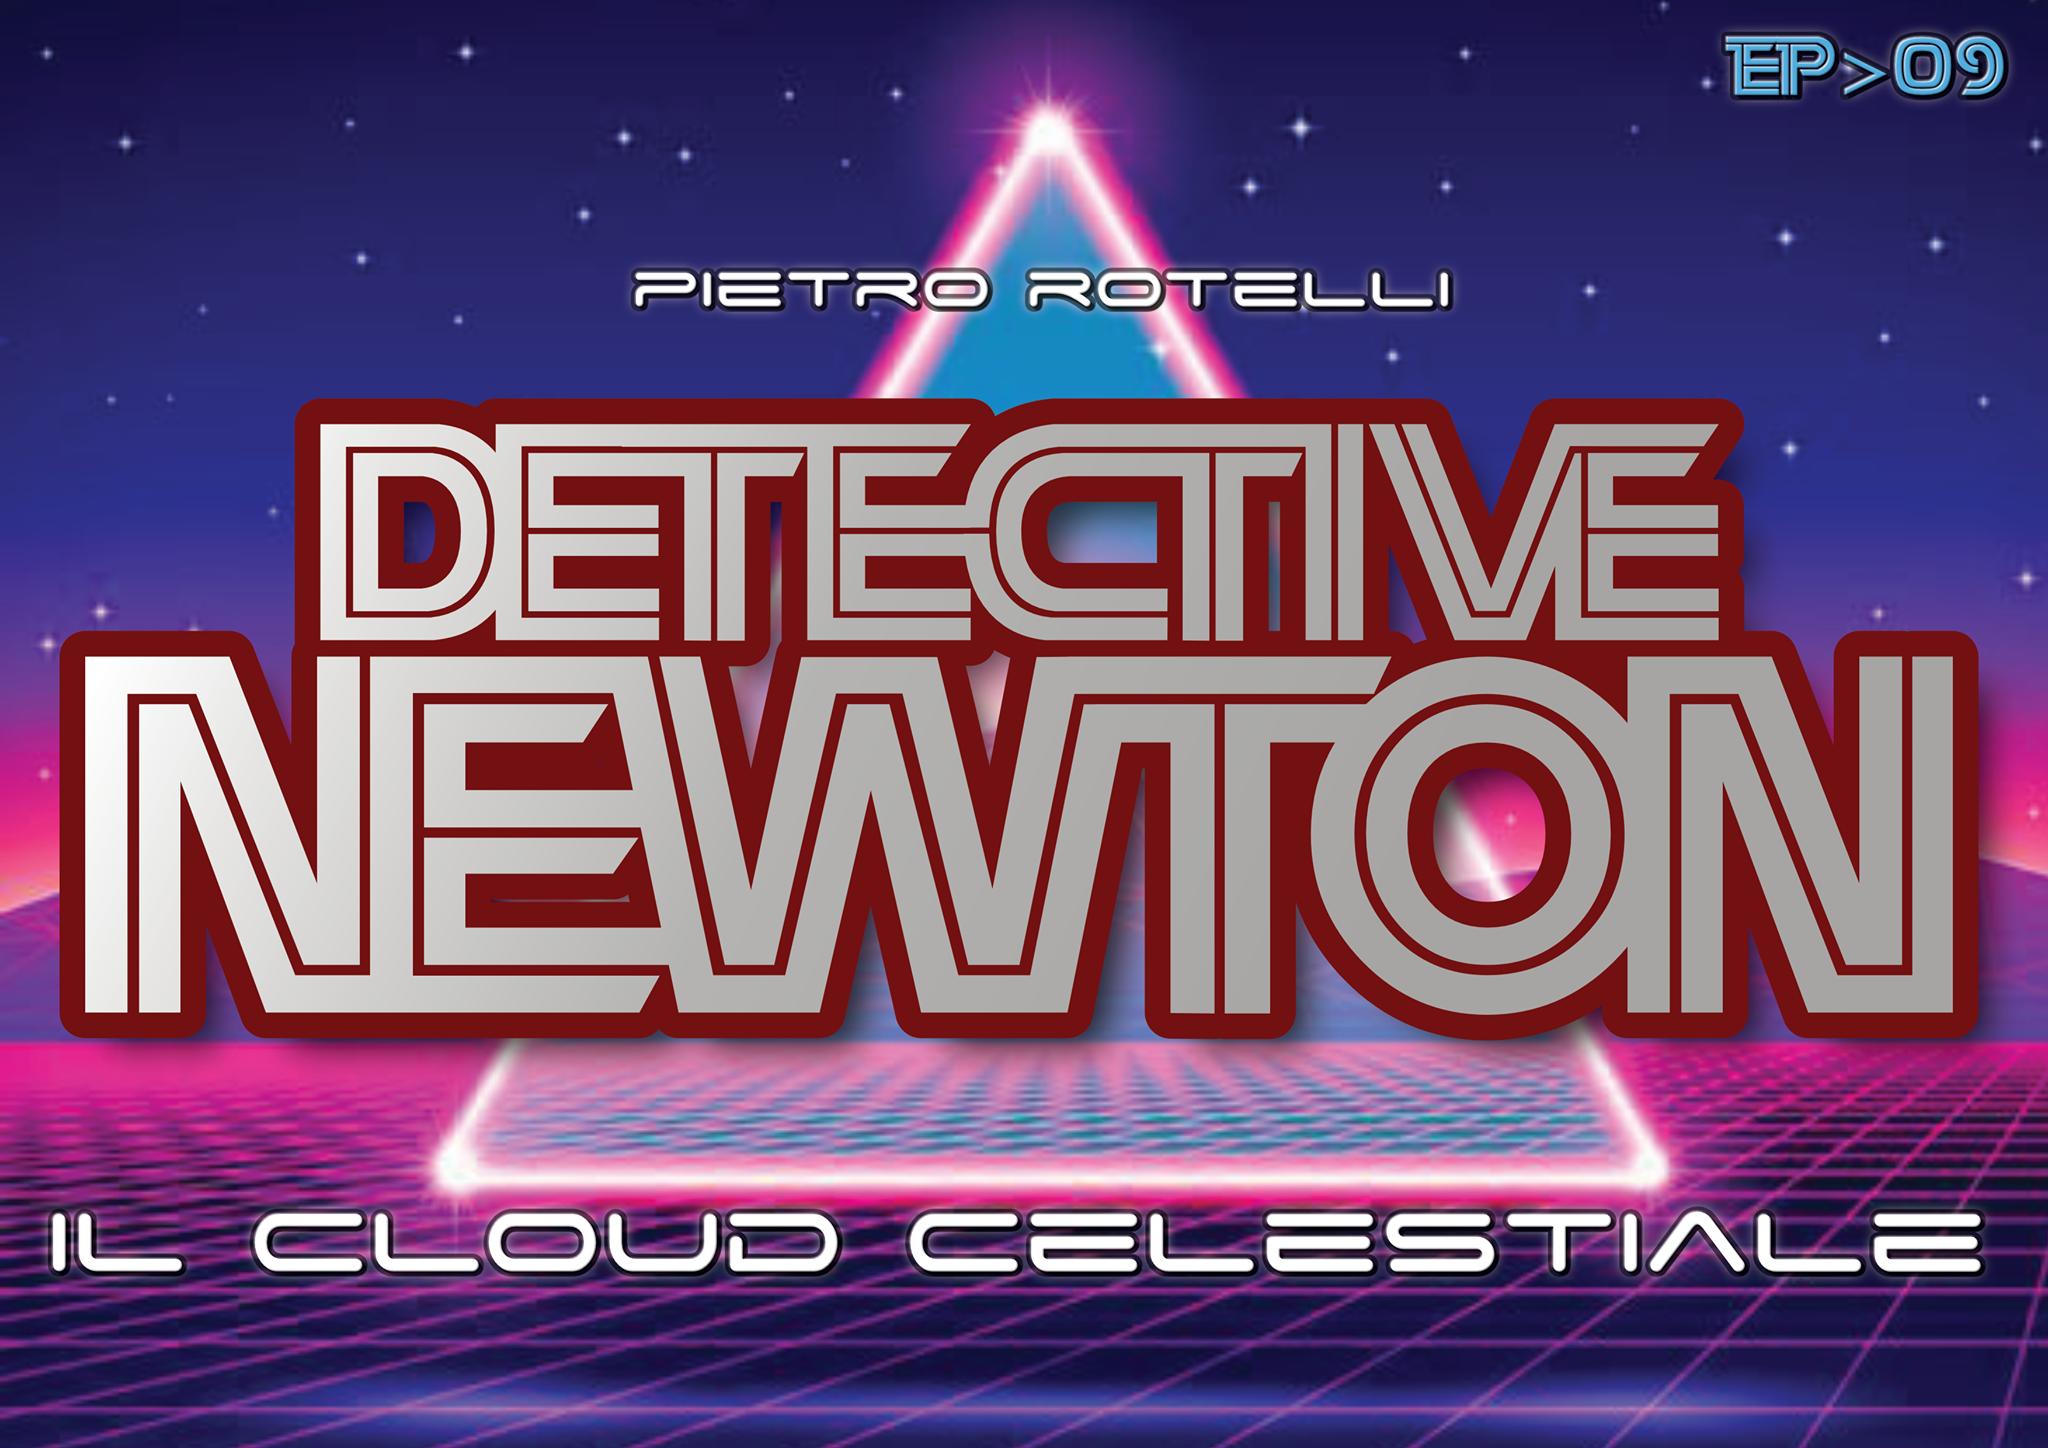 Il Cloud celestiale (Un avventura del Detective Newton EP. 09) 1 - fanzine